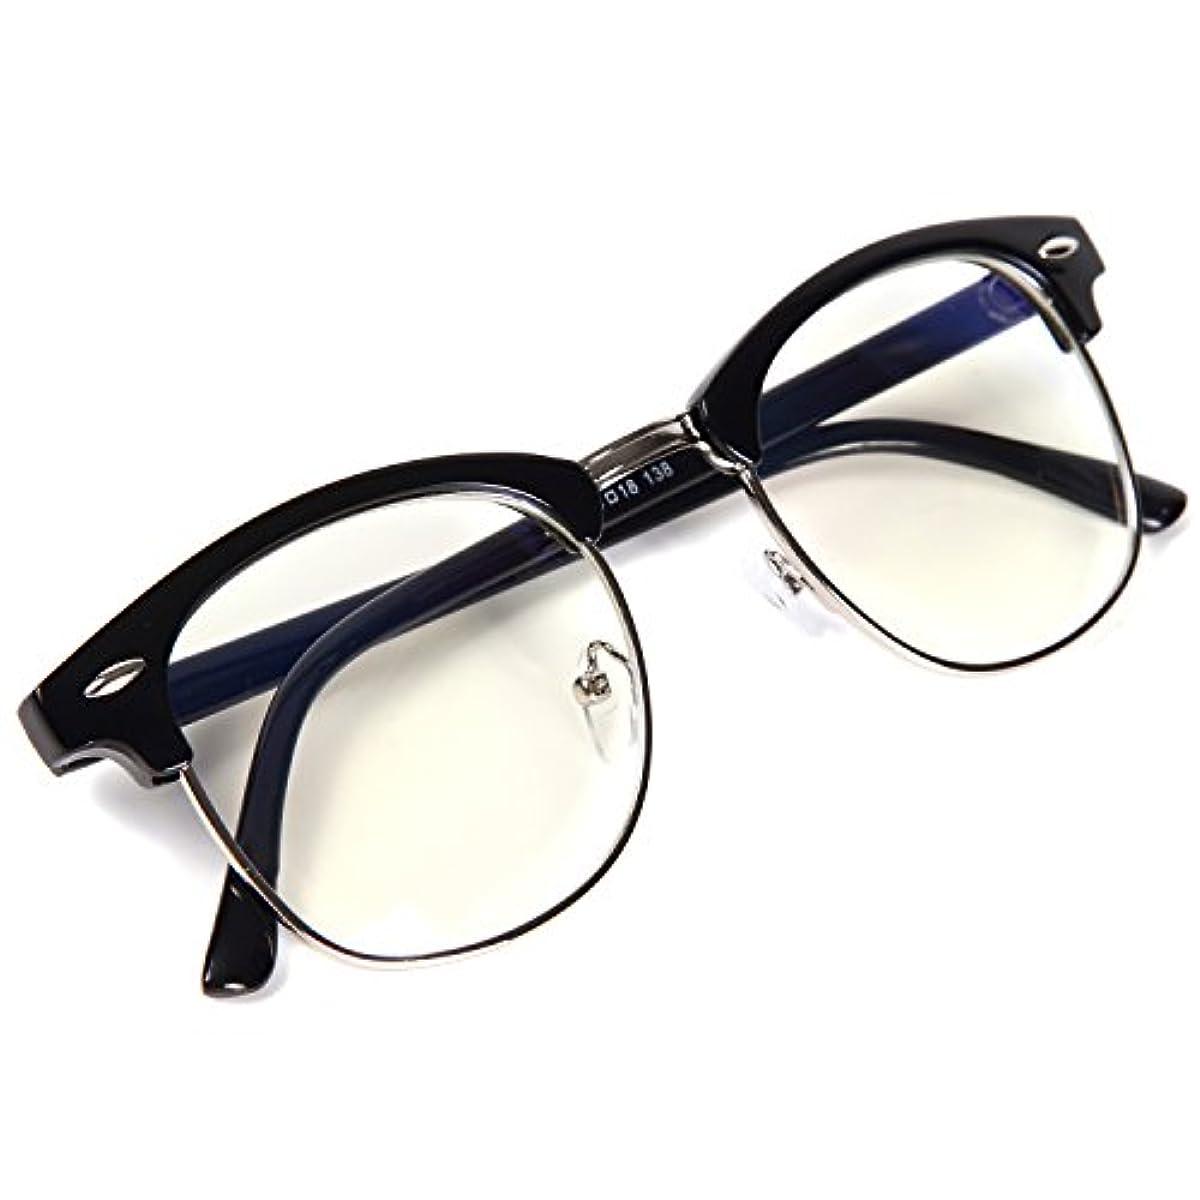 [해외] FREESE 다테 안경 블루 라이트 컷 PC안경 디자이너스 클래식 패션 멋으로 쓰는도수 없는 안경 웰링톤 맨즈 【후쿠온카발의 안경 브랜드 FREESE】